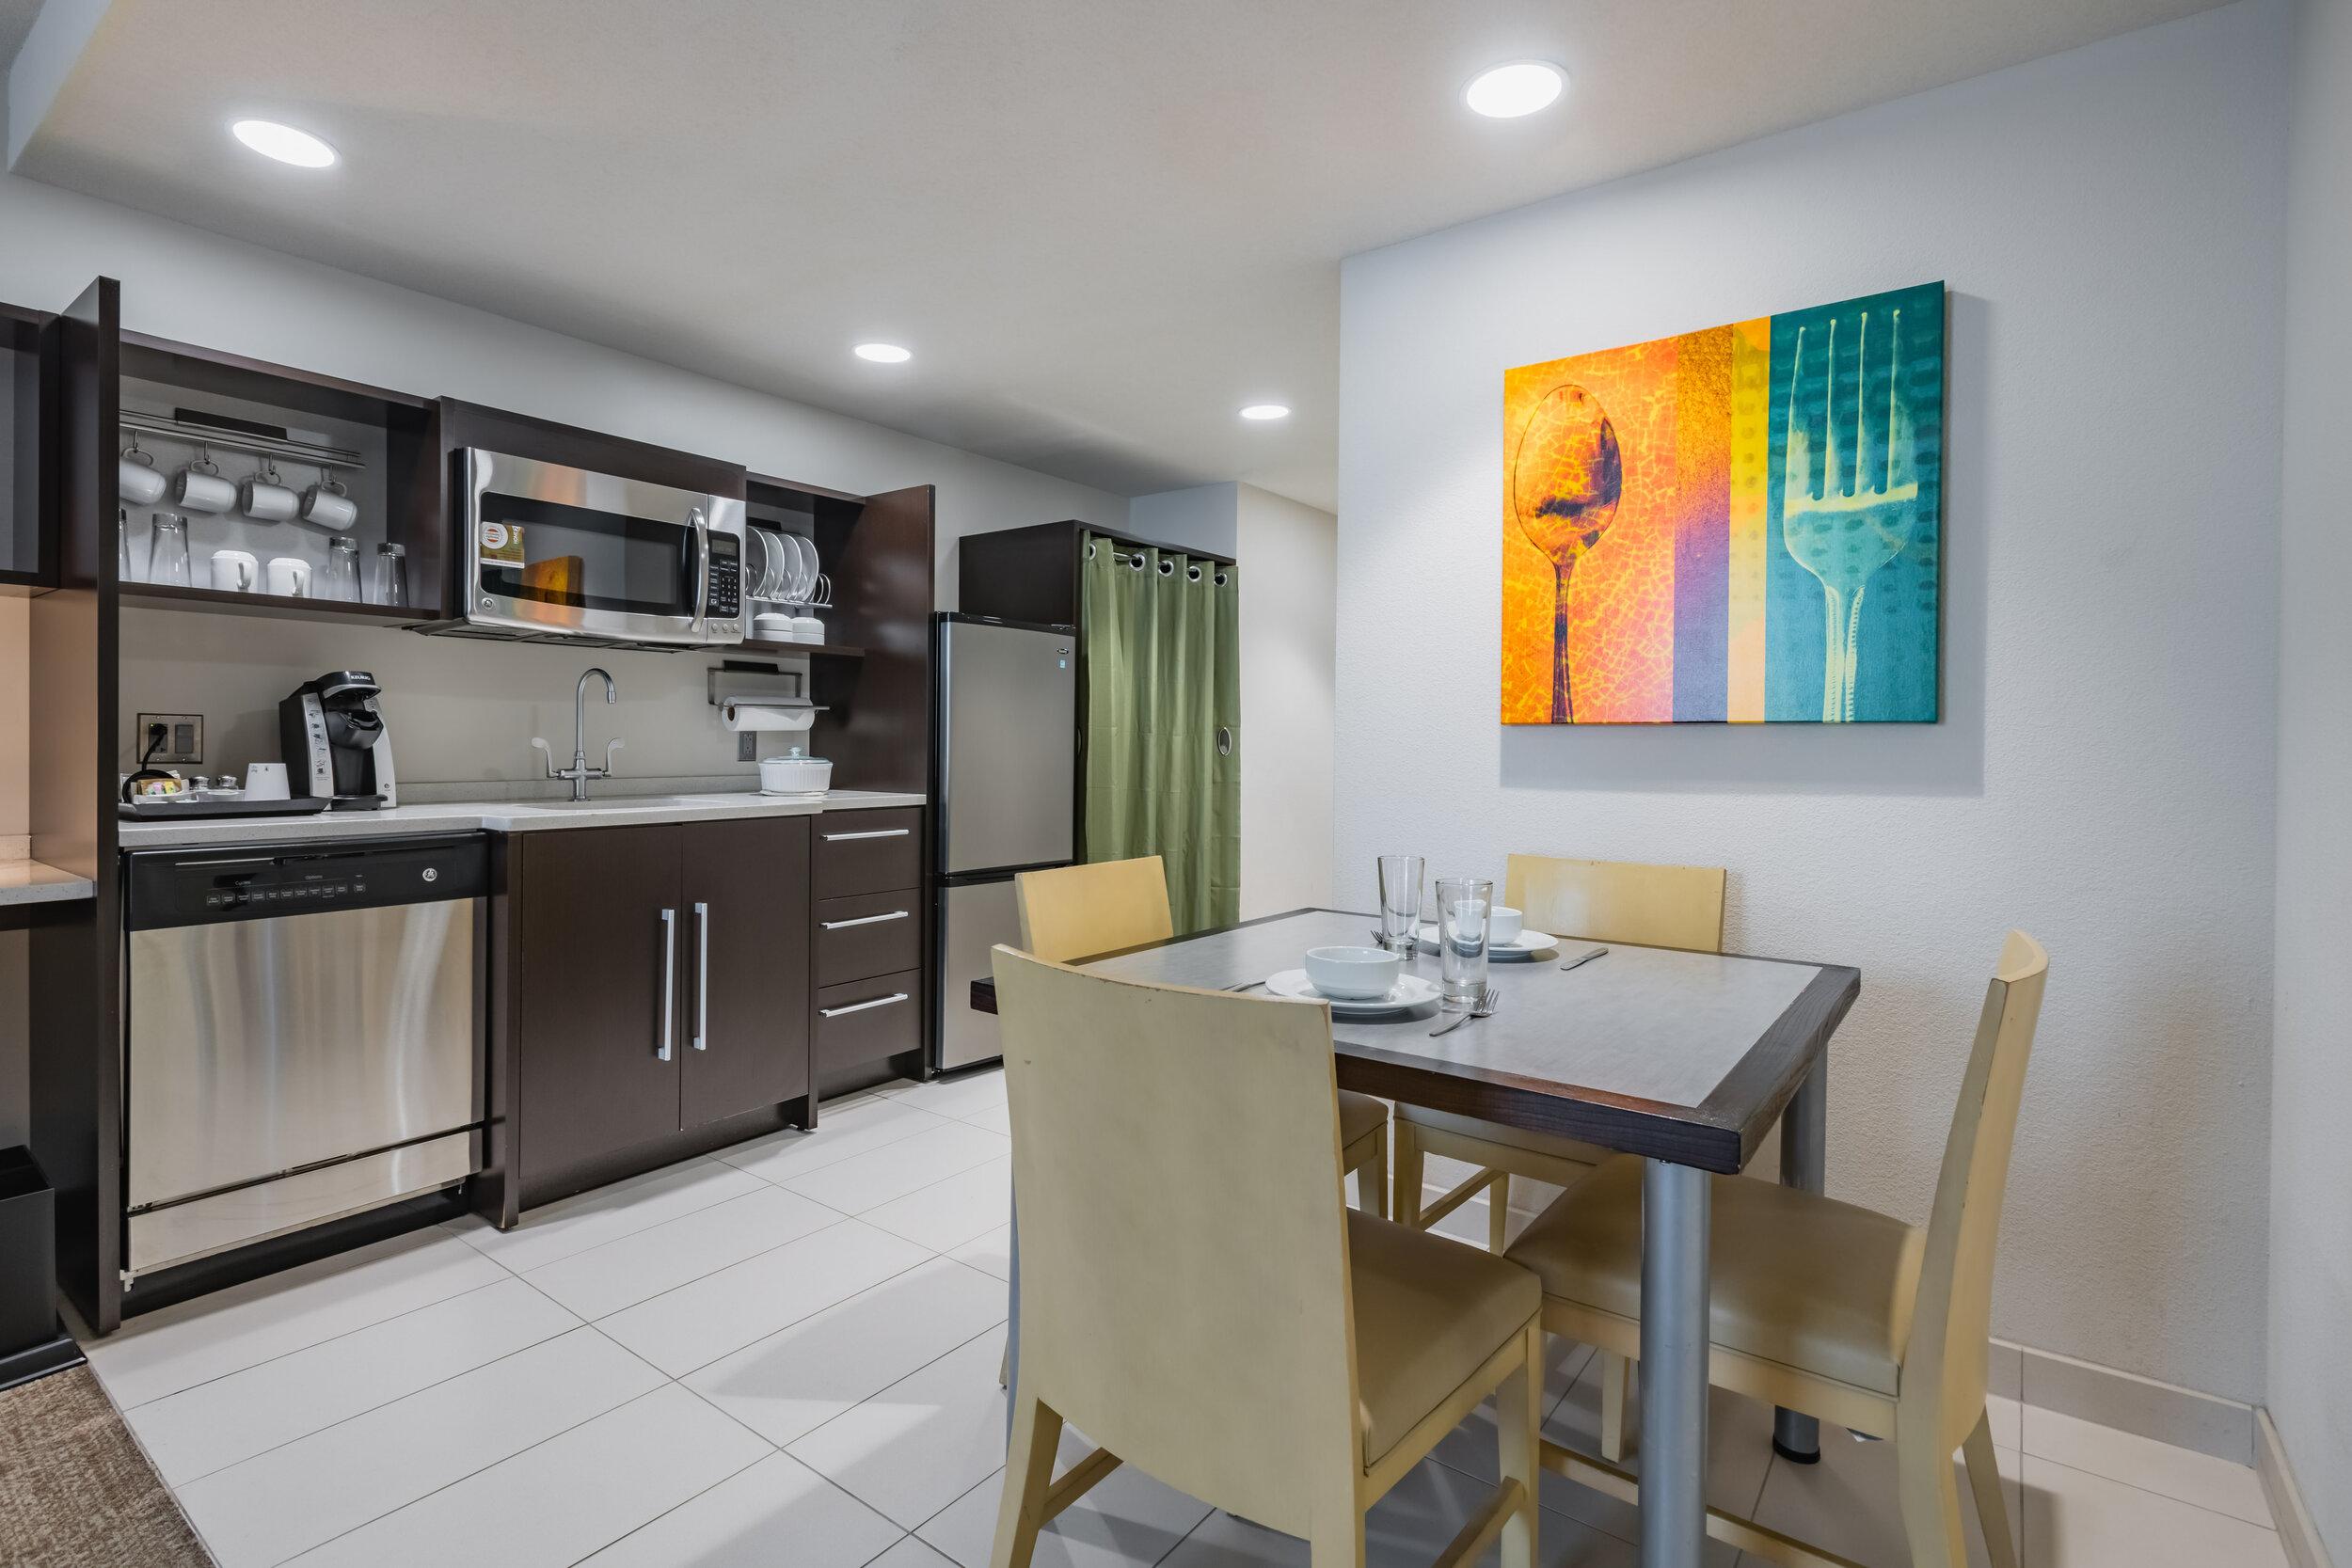 HWE-Home2-Philly-030-1BedroomSuite-CPP.jpg